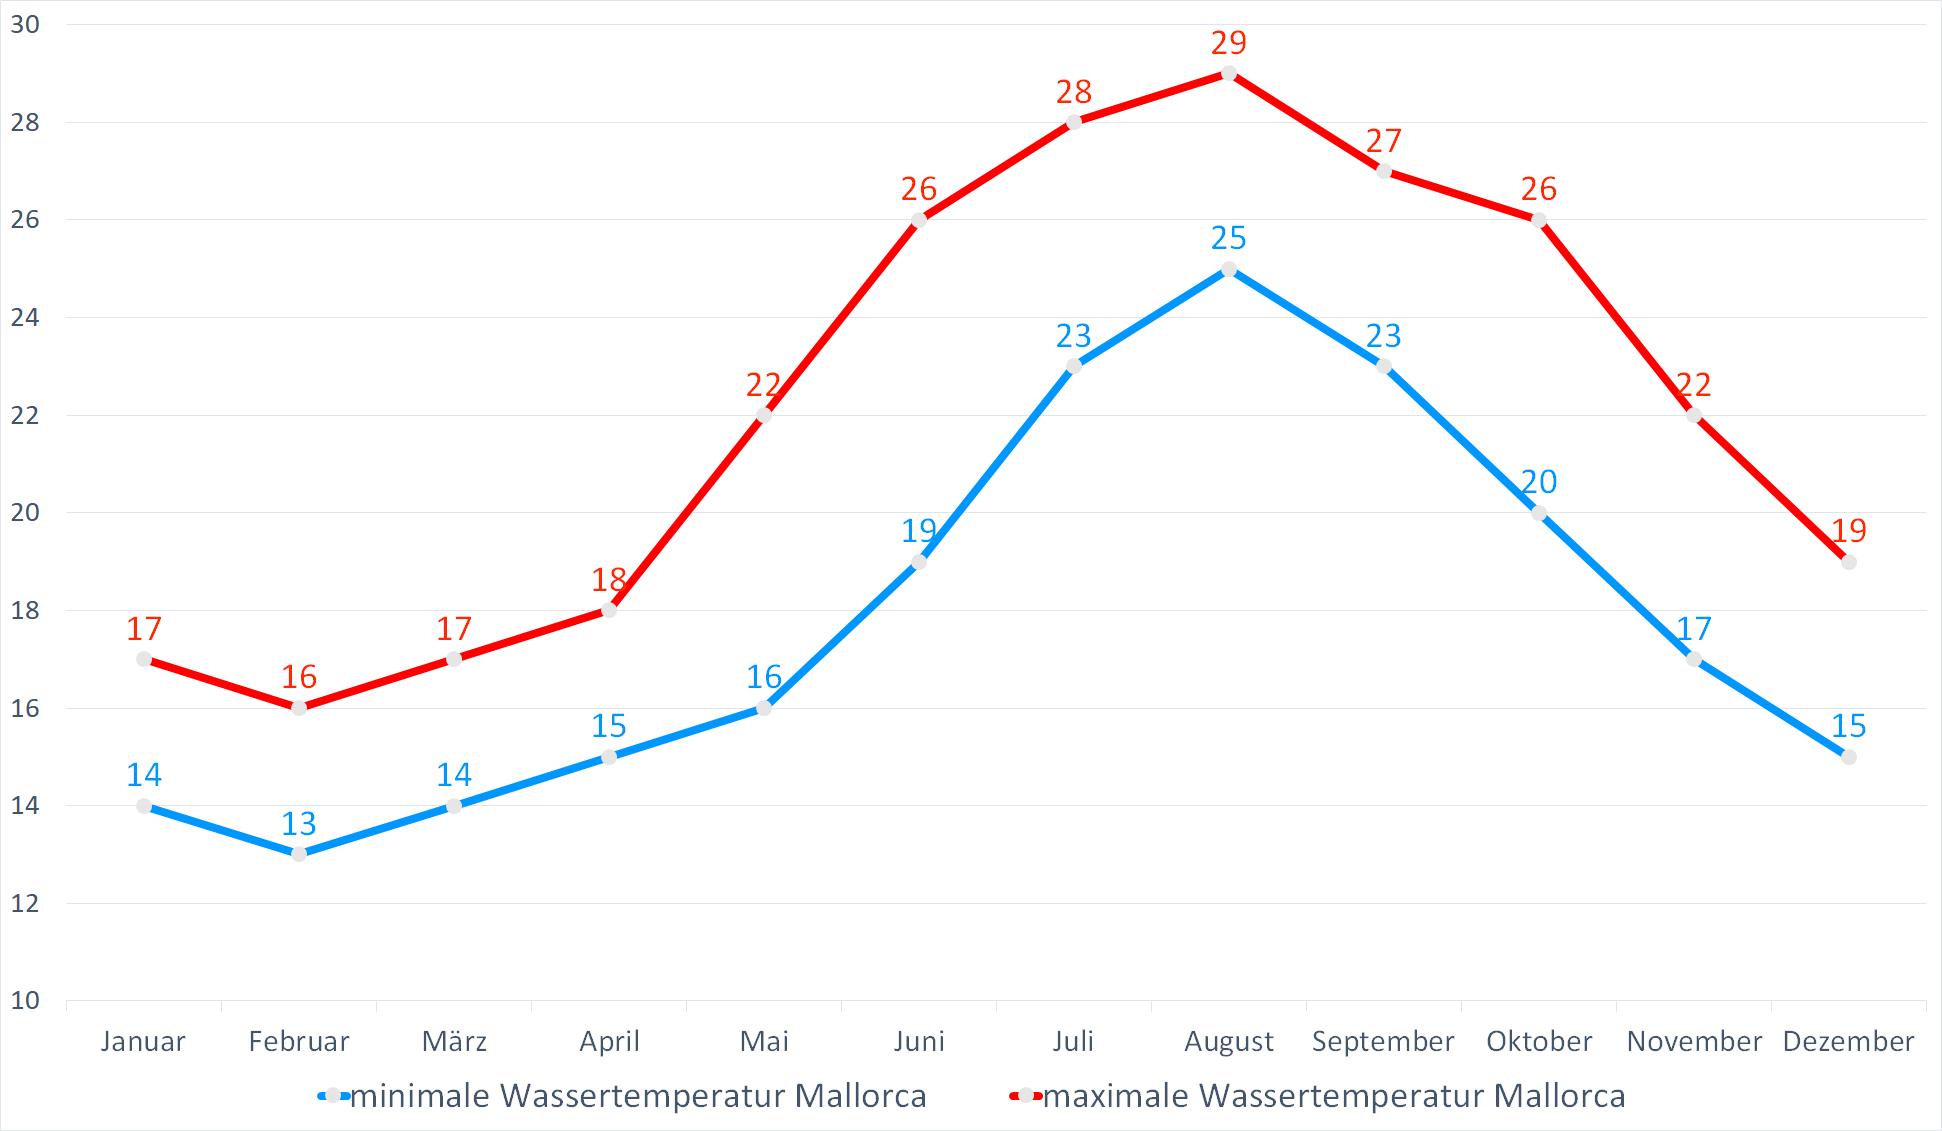 Minimale & Maximale Wassertemperaturen für Mallorca im Jahresverlauf